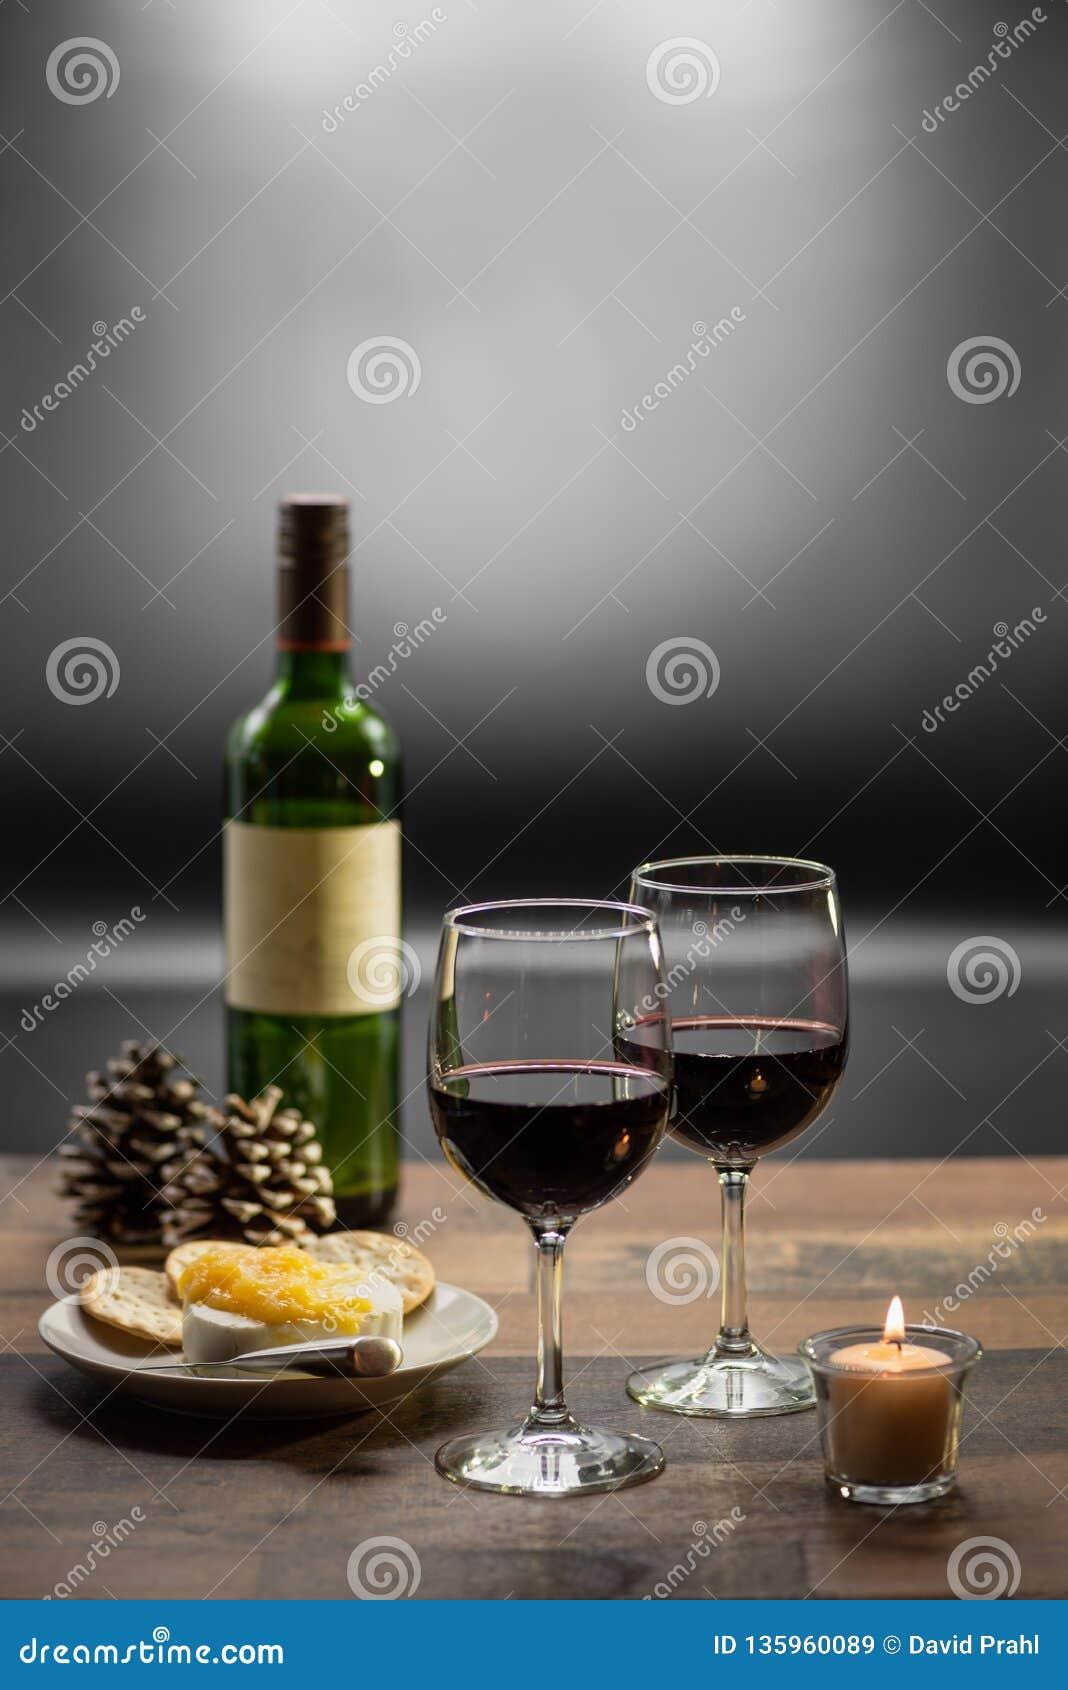 Wein und Käse durch Kerzenlicht